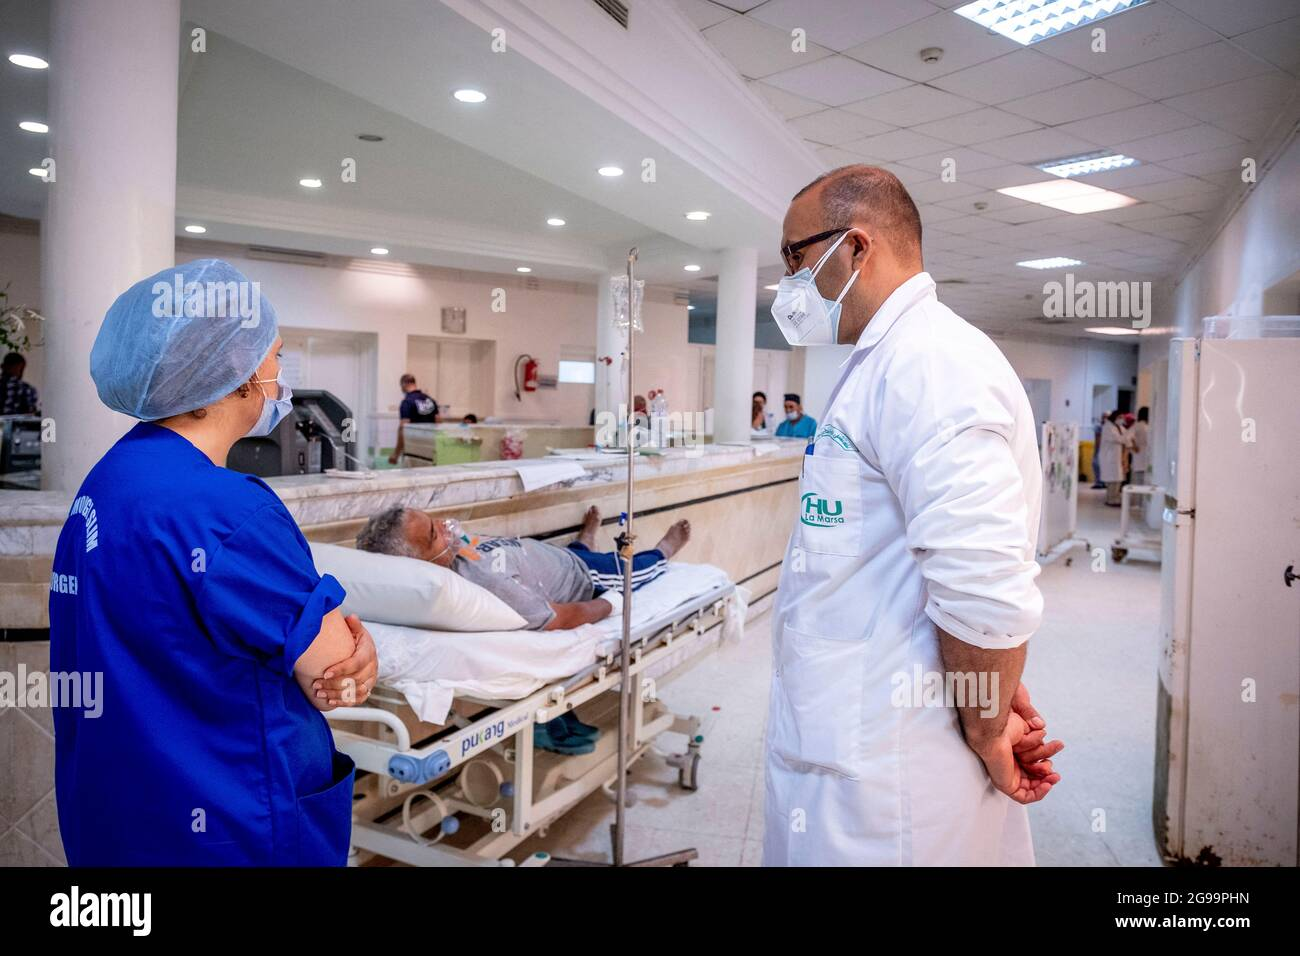 Nel reparto di emergenza dell'ospedale Mongi Slim di la Marsa, sobborgo settentrionale di Tunisi, Tunisia, il 23 luglio 2021. Il capo del dipartimento, Dr. Nour Nouira, deve gestire con la sua squadra una crisi molto tesa quotidiano Covid-19. Tutte le camere, le sale e i corridoi del servizio sono richiesti per i casi di Covid, mentre allo stesso tempo la gestione delle emergenze giornaliere. La tensione del flusso di ossigeno molto sollecitata dal sovraccarico dei pazienti è il problema principale oltre al sottopersonale di fronte alla variante Delta. Foto di Nicolas Fauque/Images de Tunisie/ABACAPRESS.COM Foto Stock